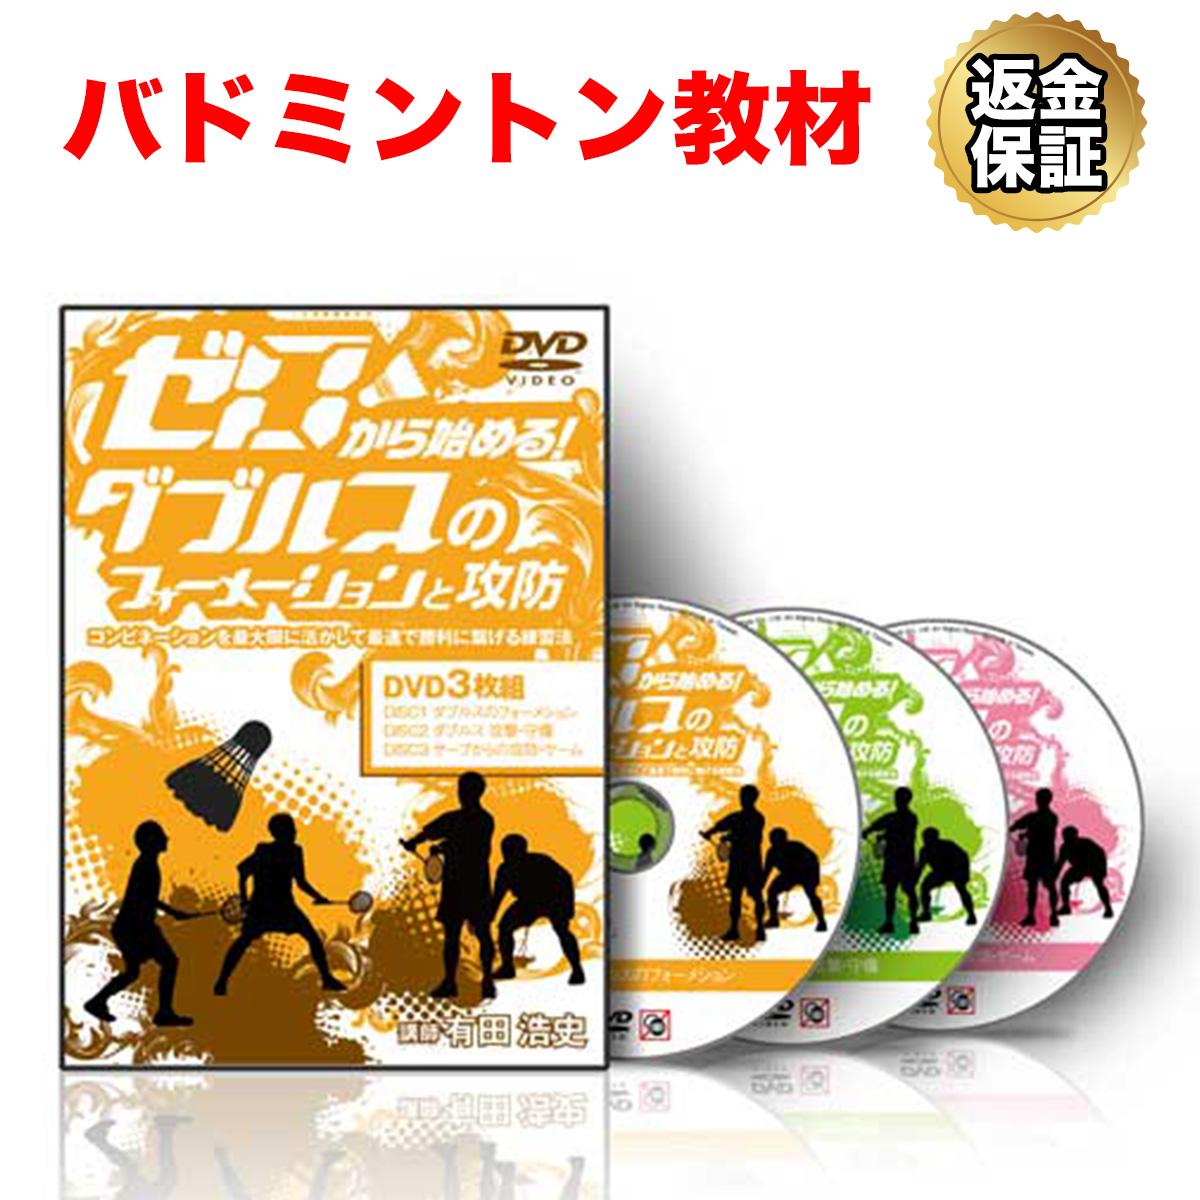 バドミントン 教材 DVD ゼロから始める!ダブルスのフォーメーションと攻防